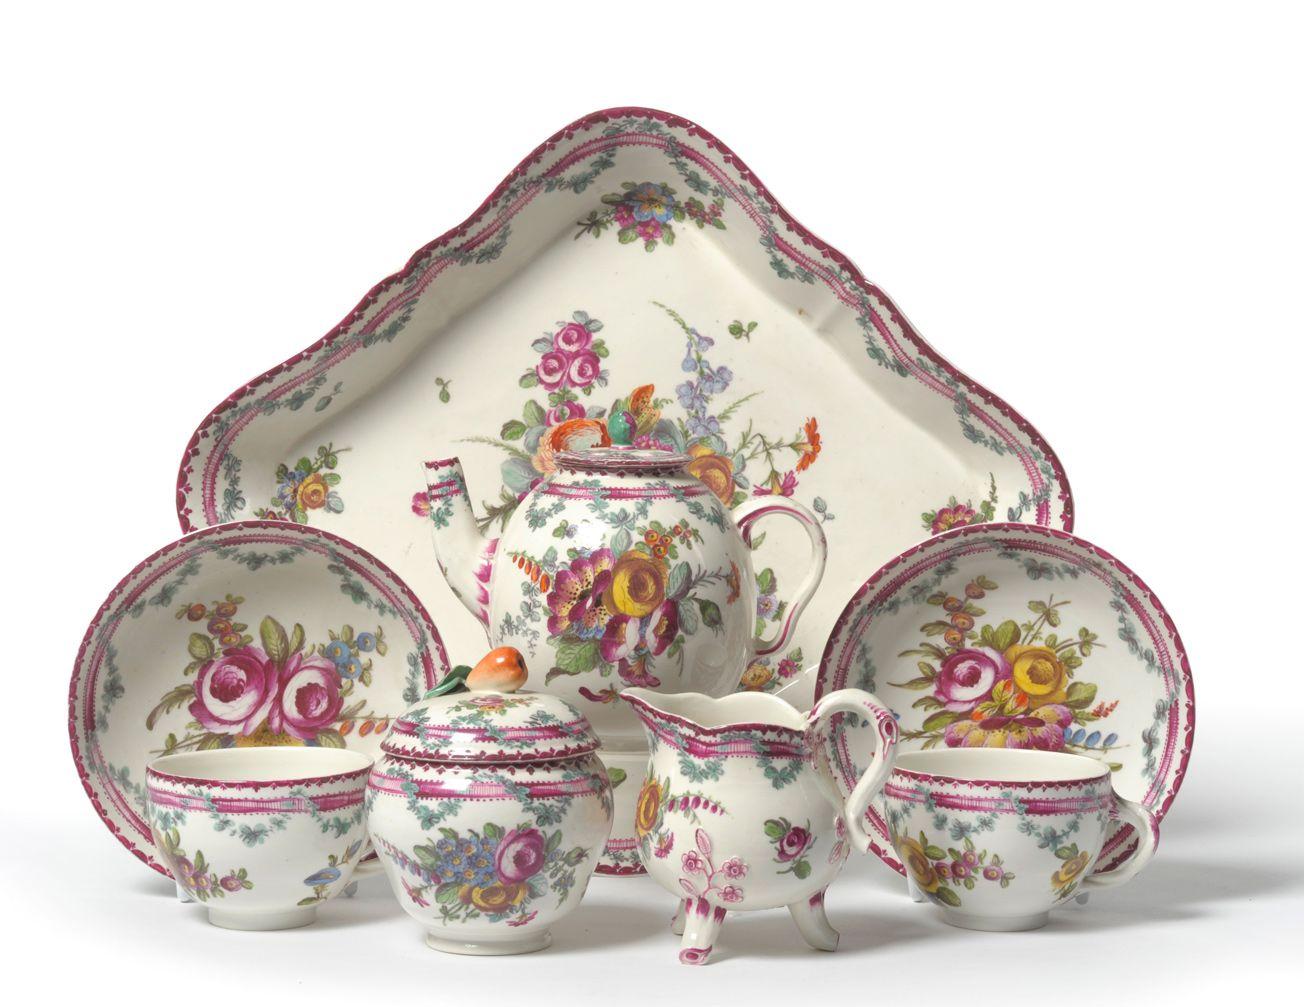 Frankenthal Porcelain Germany Tete A Tete C 1767 1304 1007 Antique Tea Cups Childrens Tea Sets